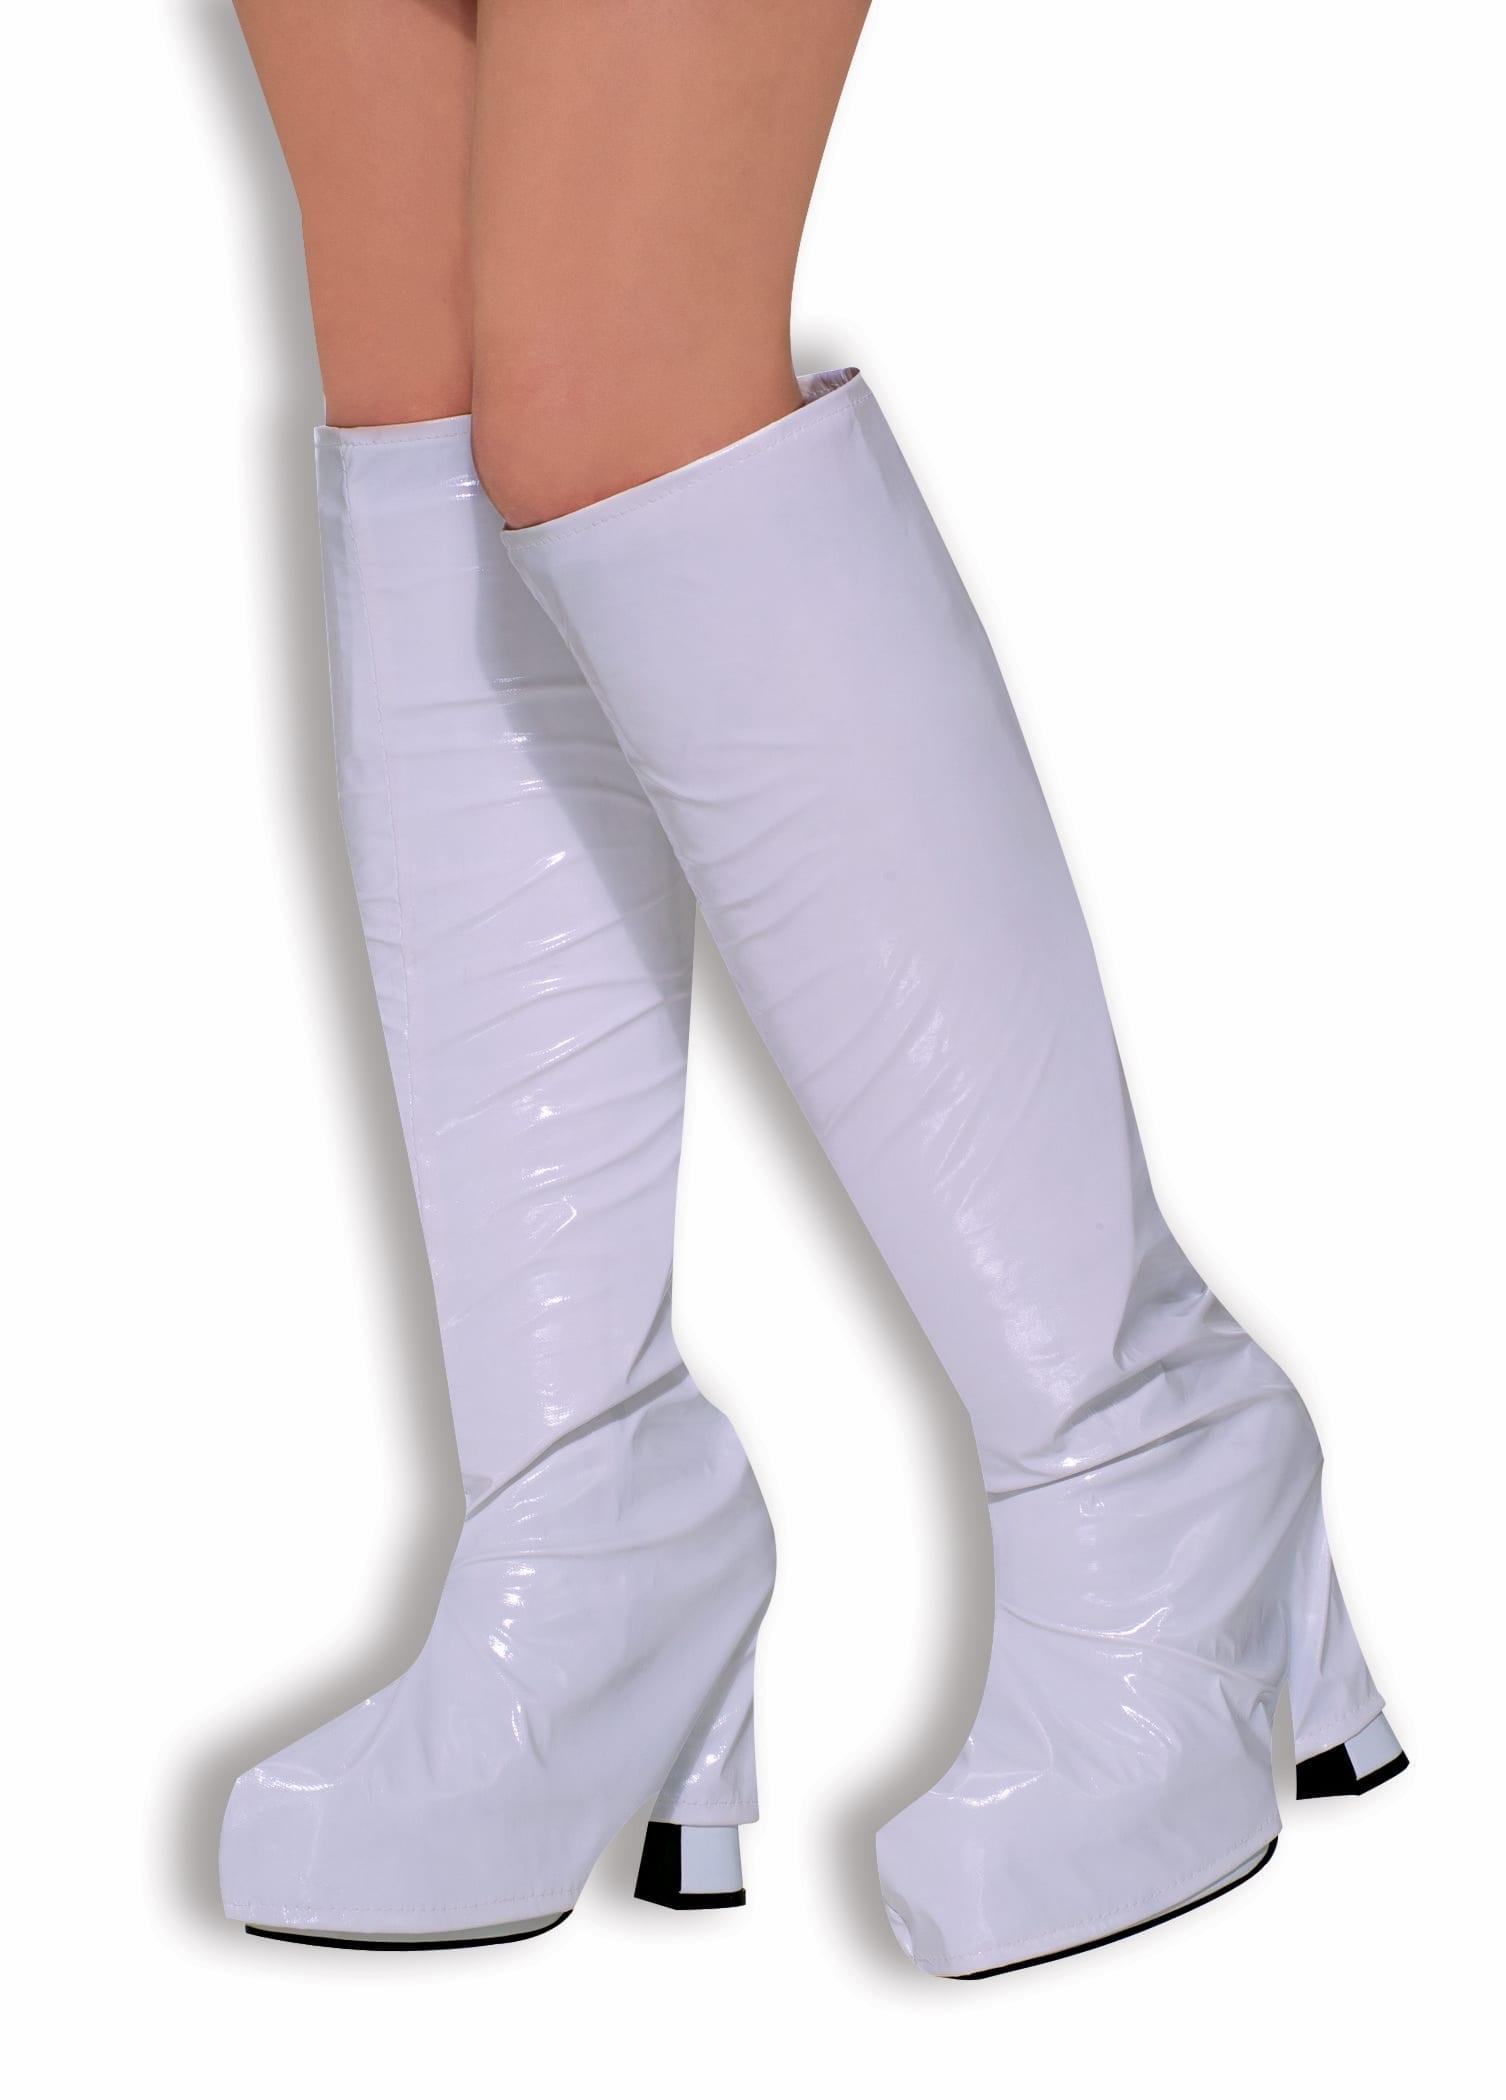 GoGo Boots - Boot tops White-0